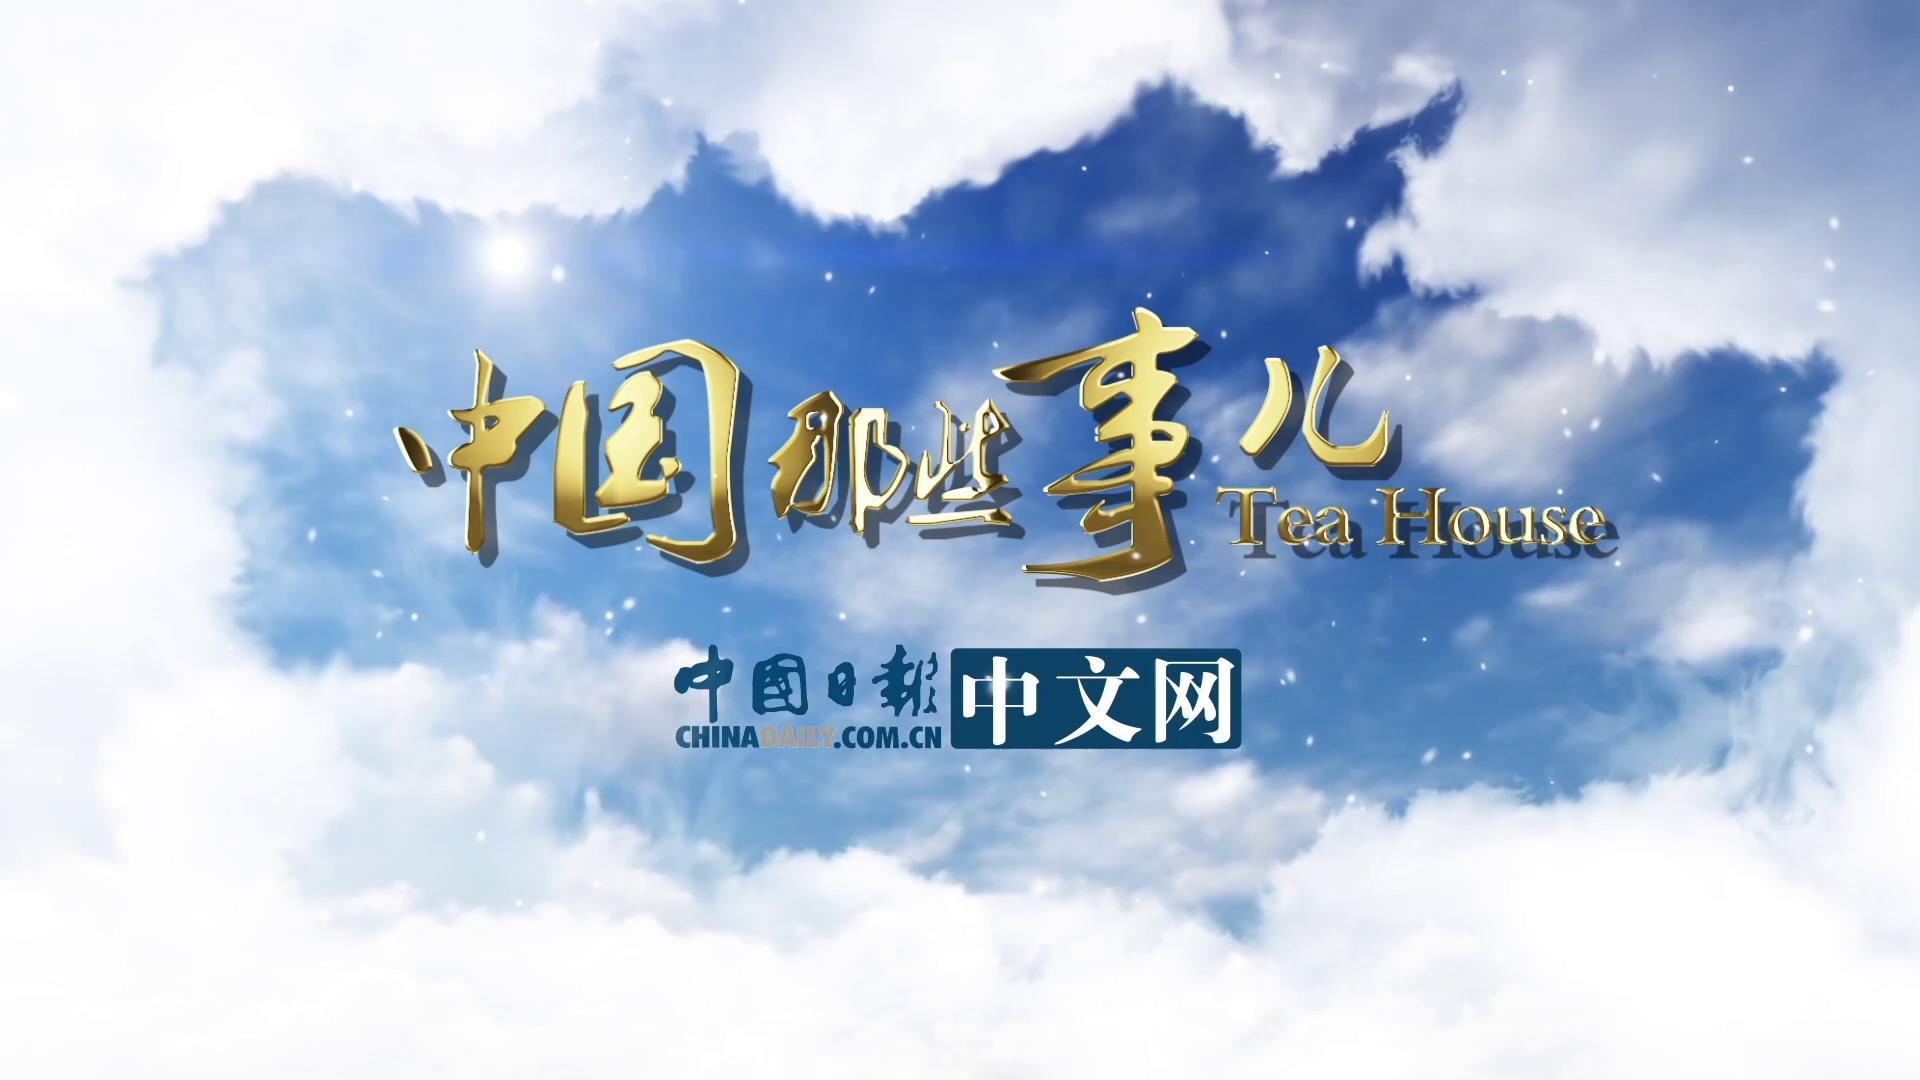 """【中国那些事儿】2018阿根廷世界小姐为中国""""代言"""":这里美得让人流连忘返图片"""